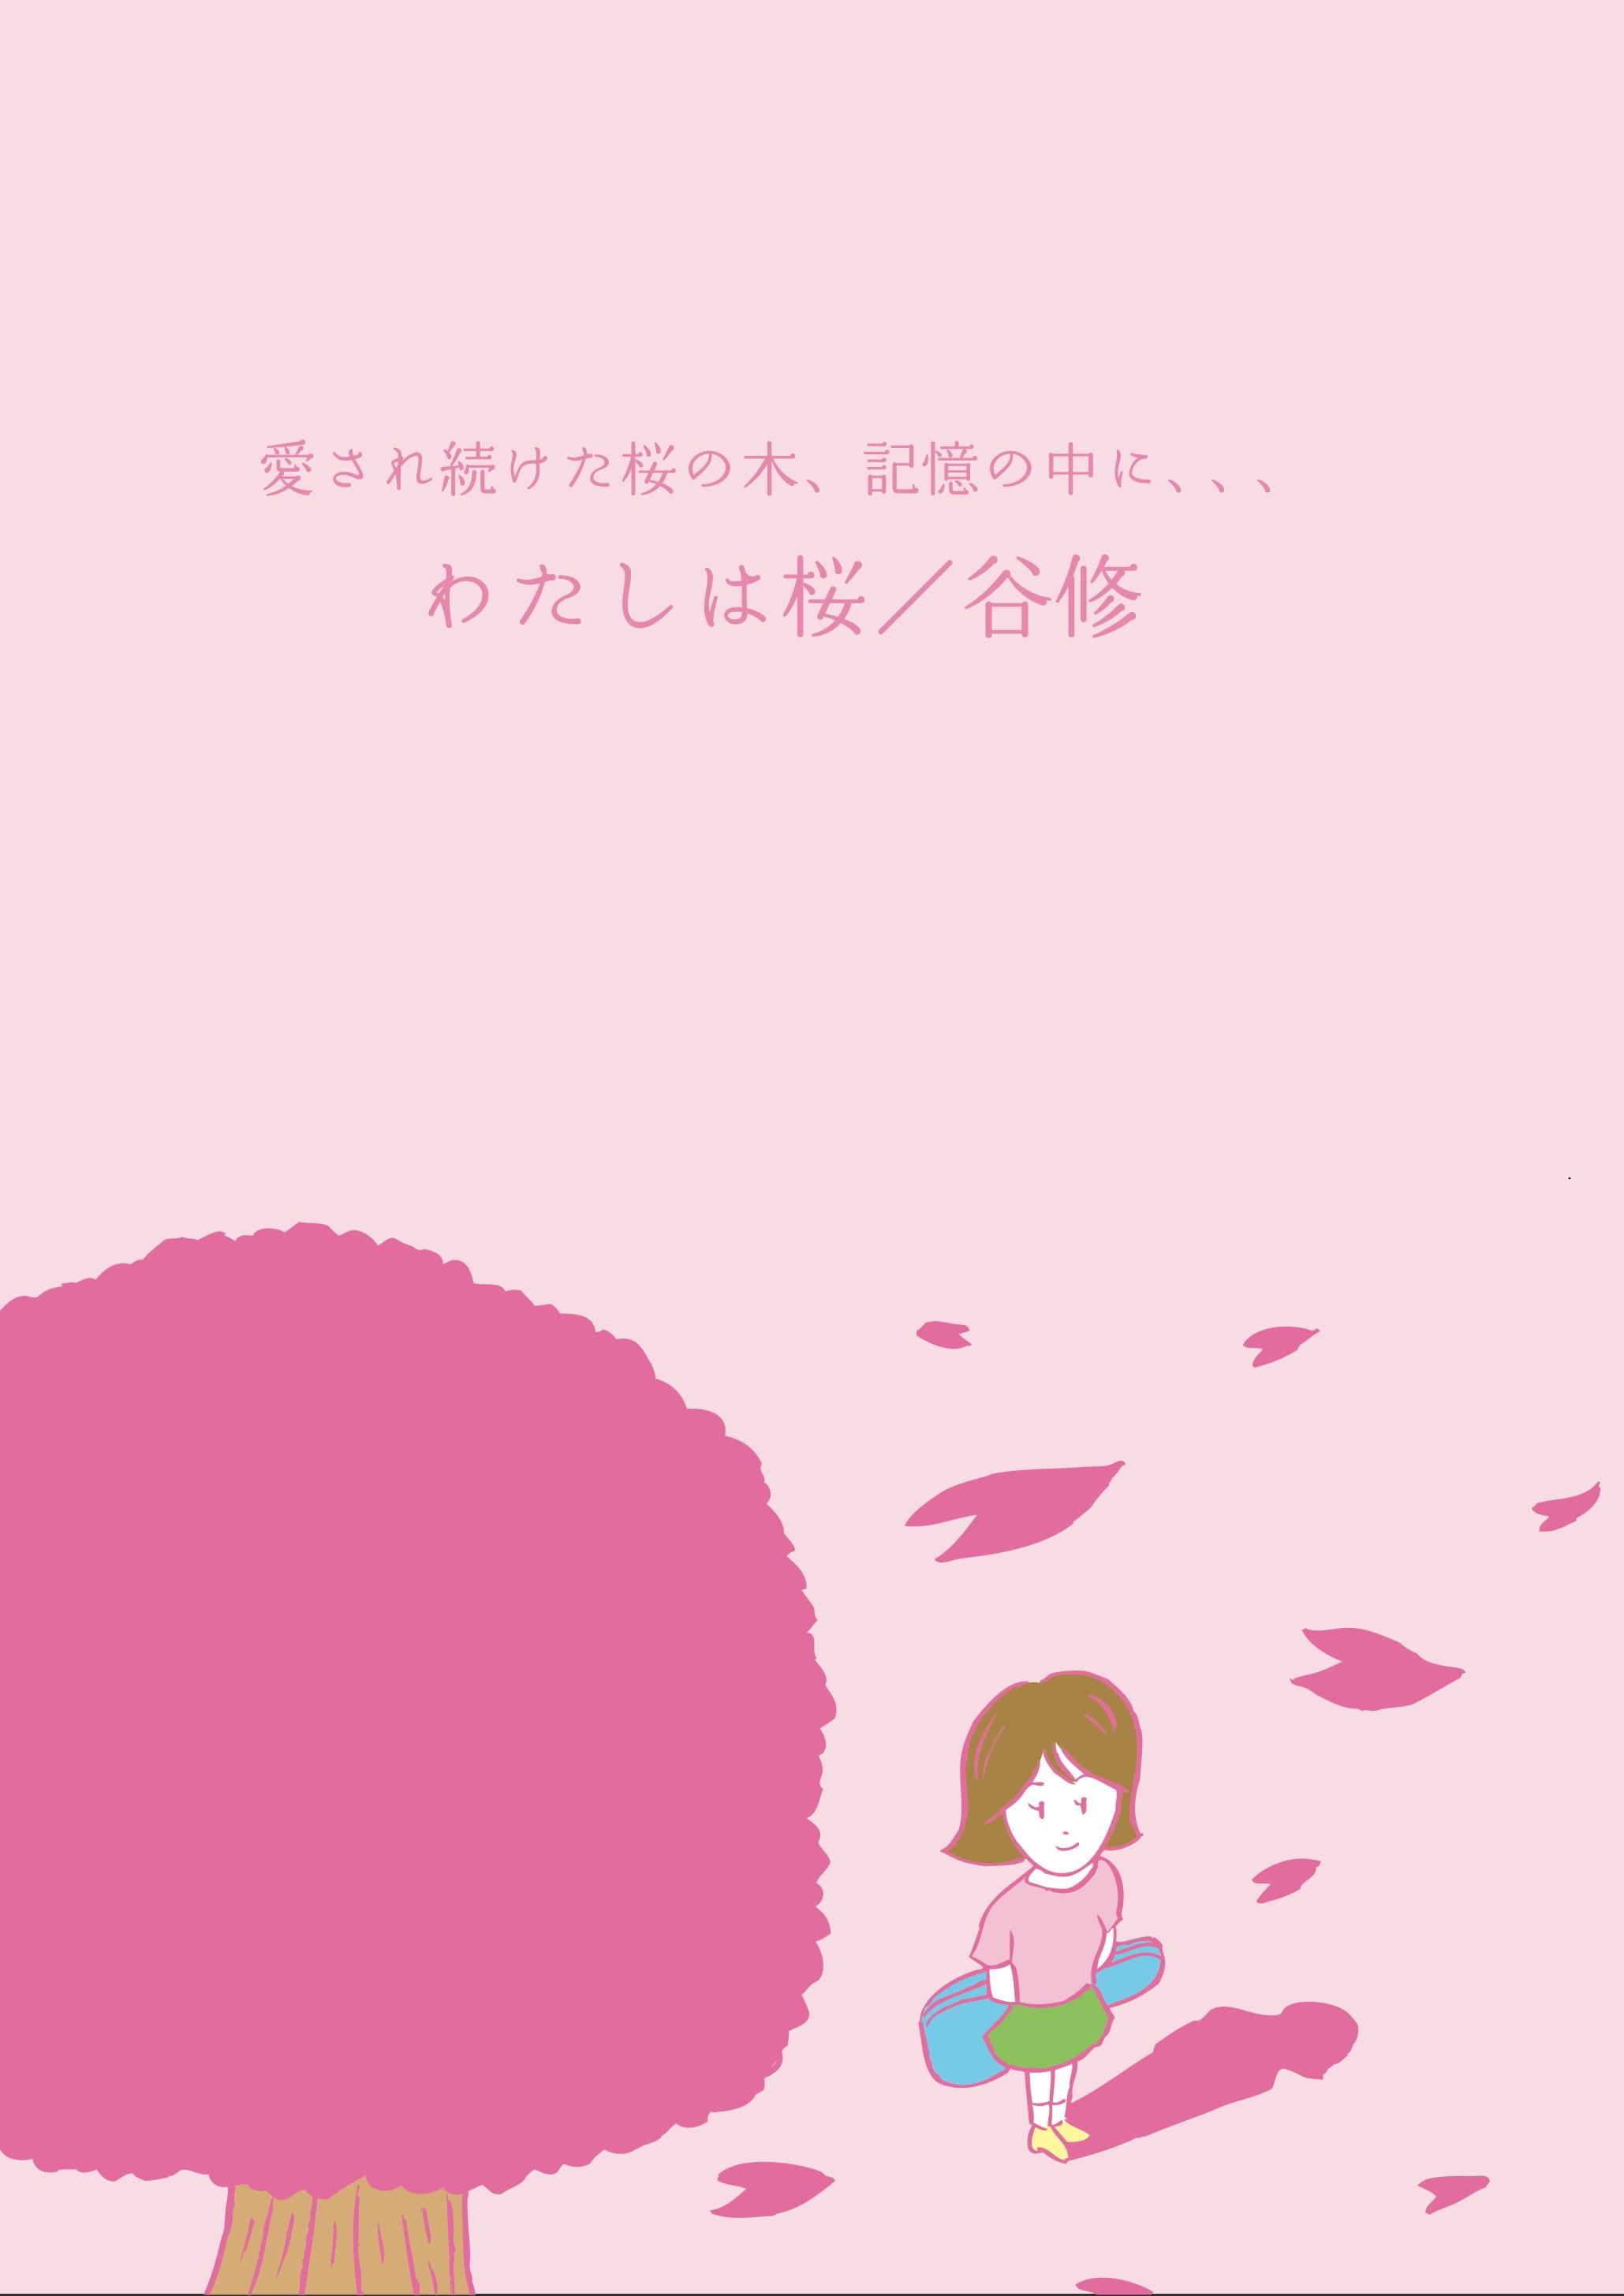 ねりうた #04 「わたしは桜」ダウンロード版